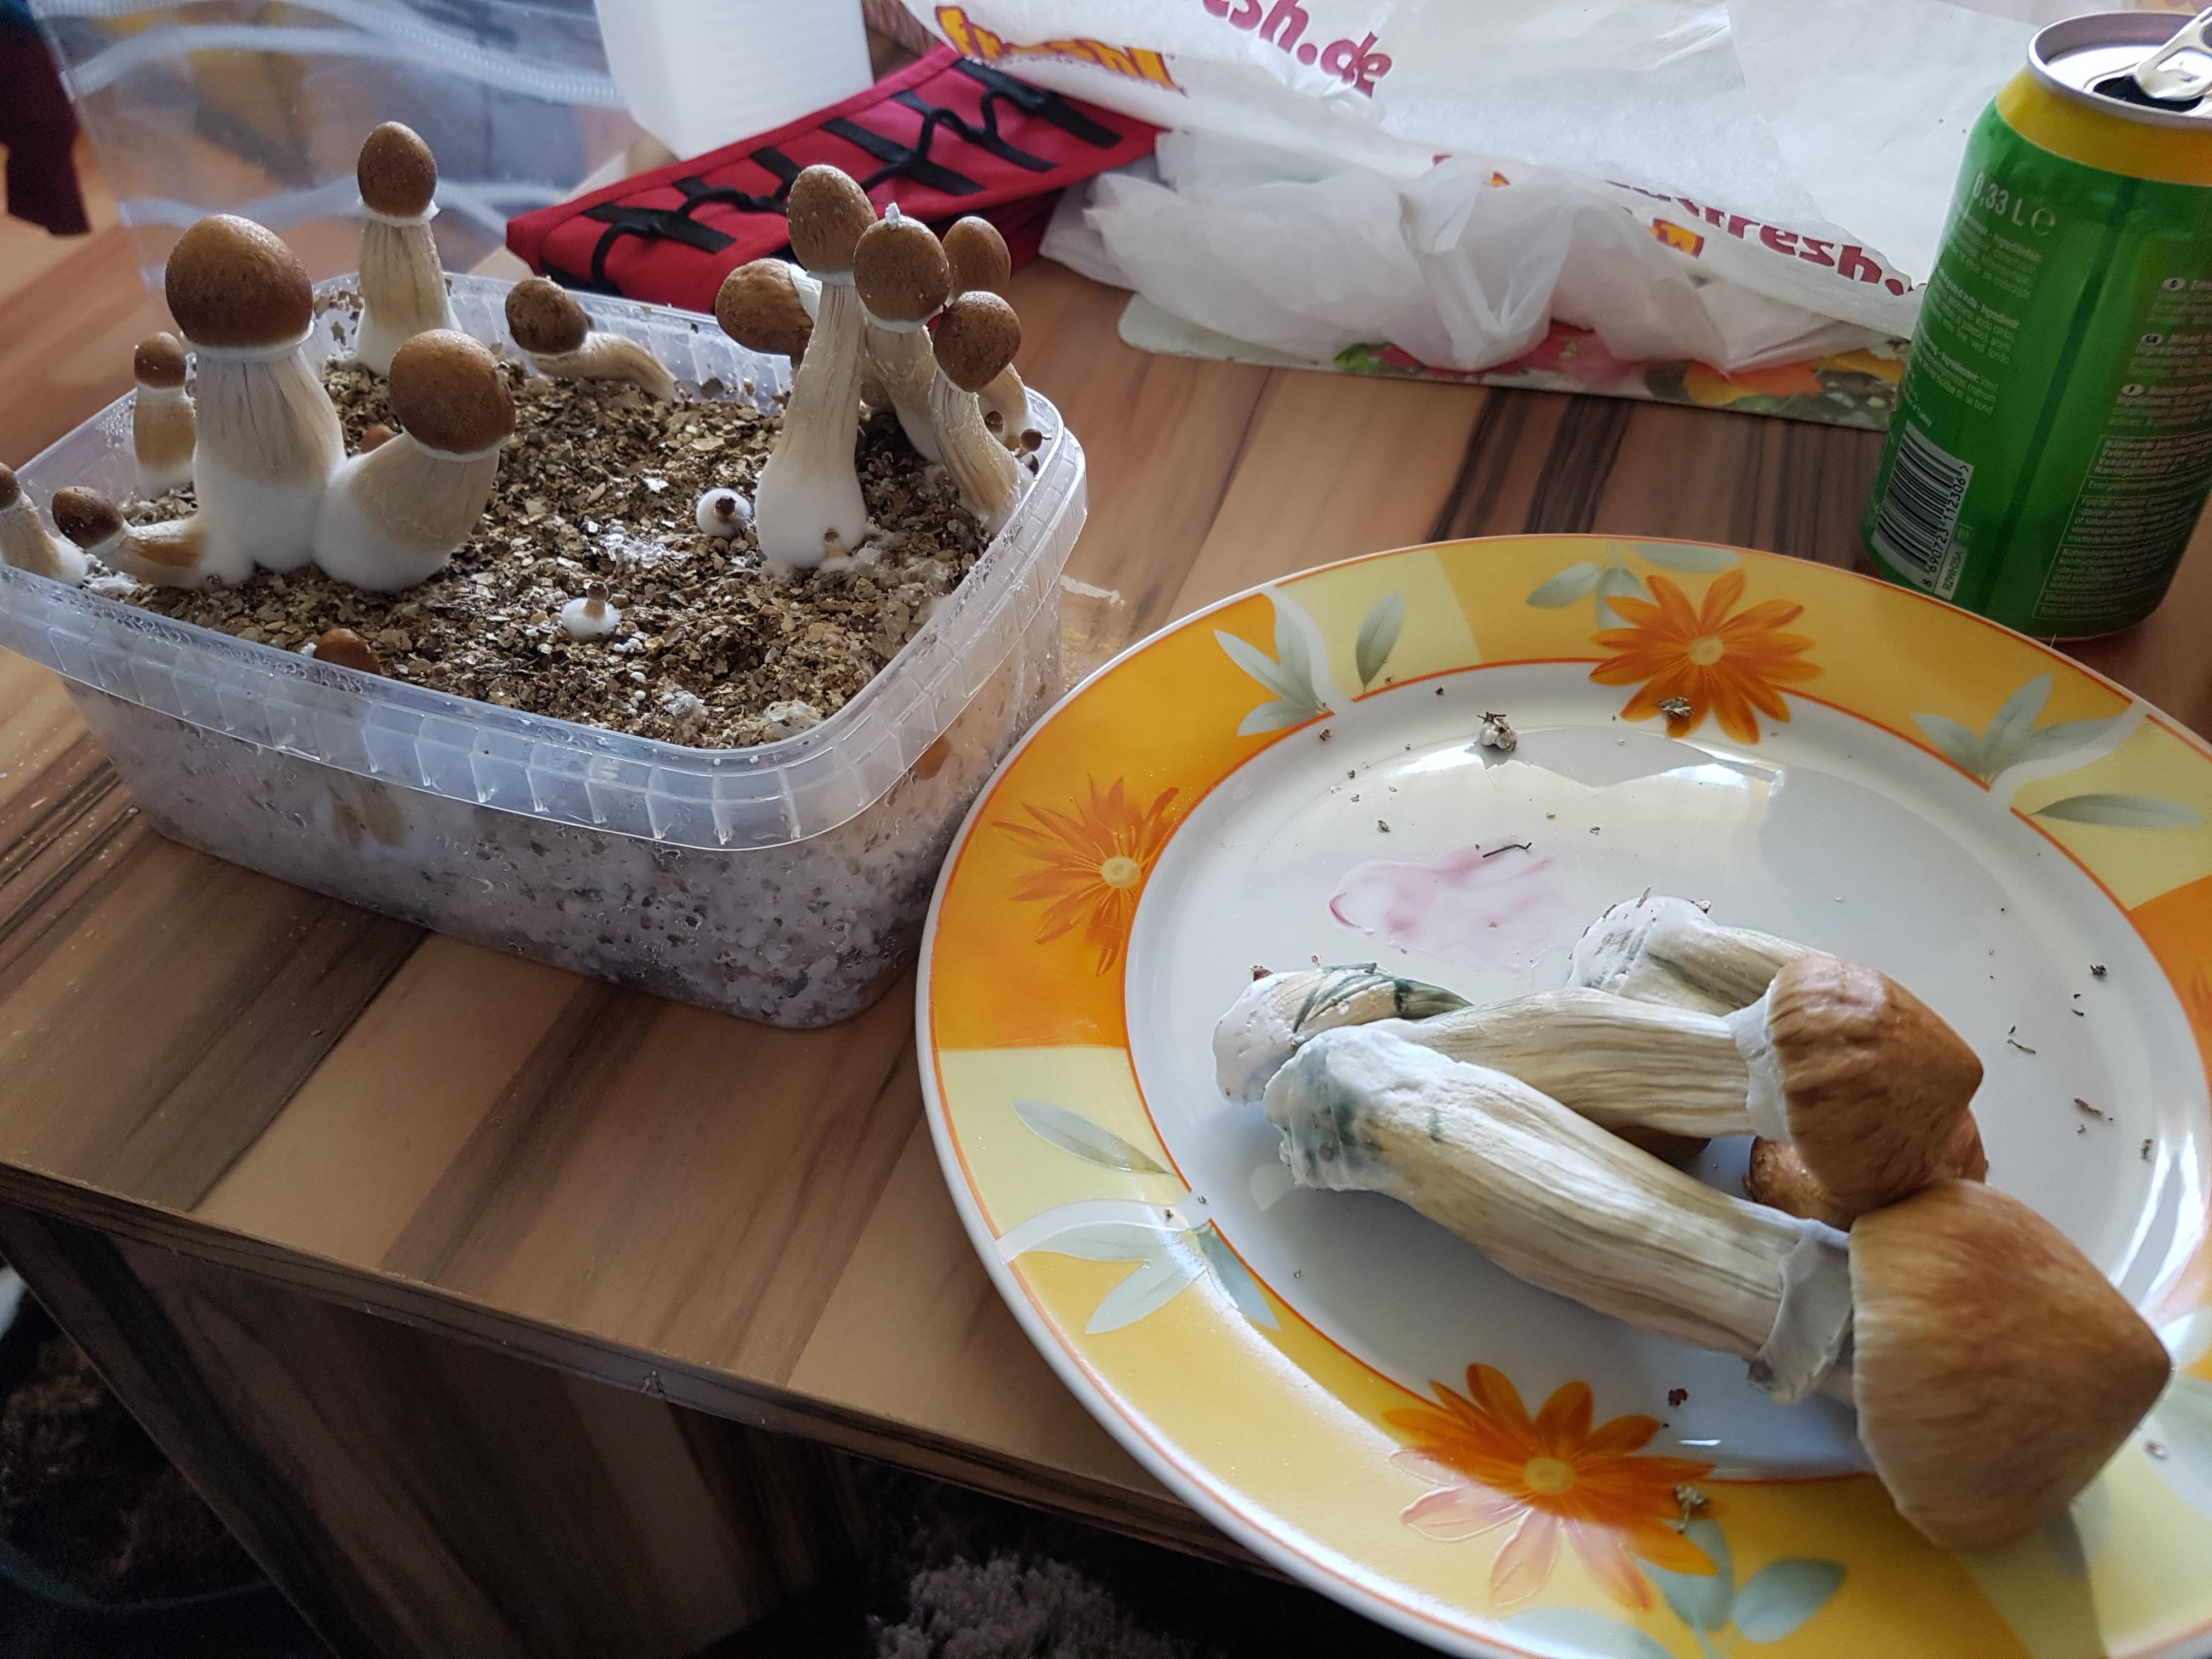 mushroom growbox selber bauen mit roggen